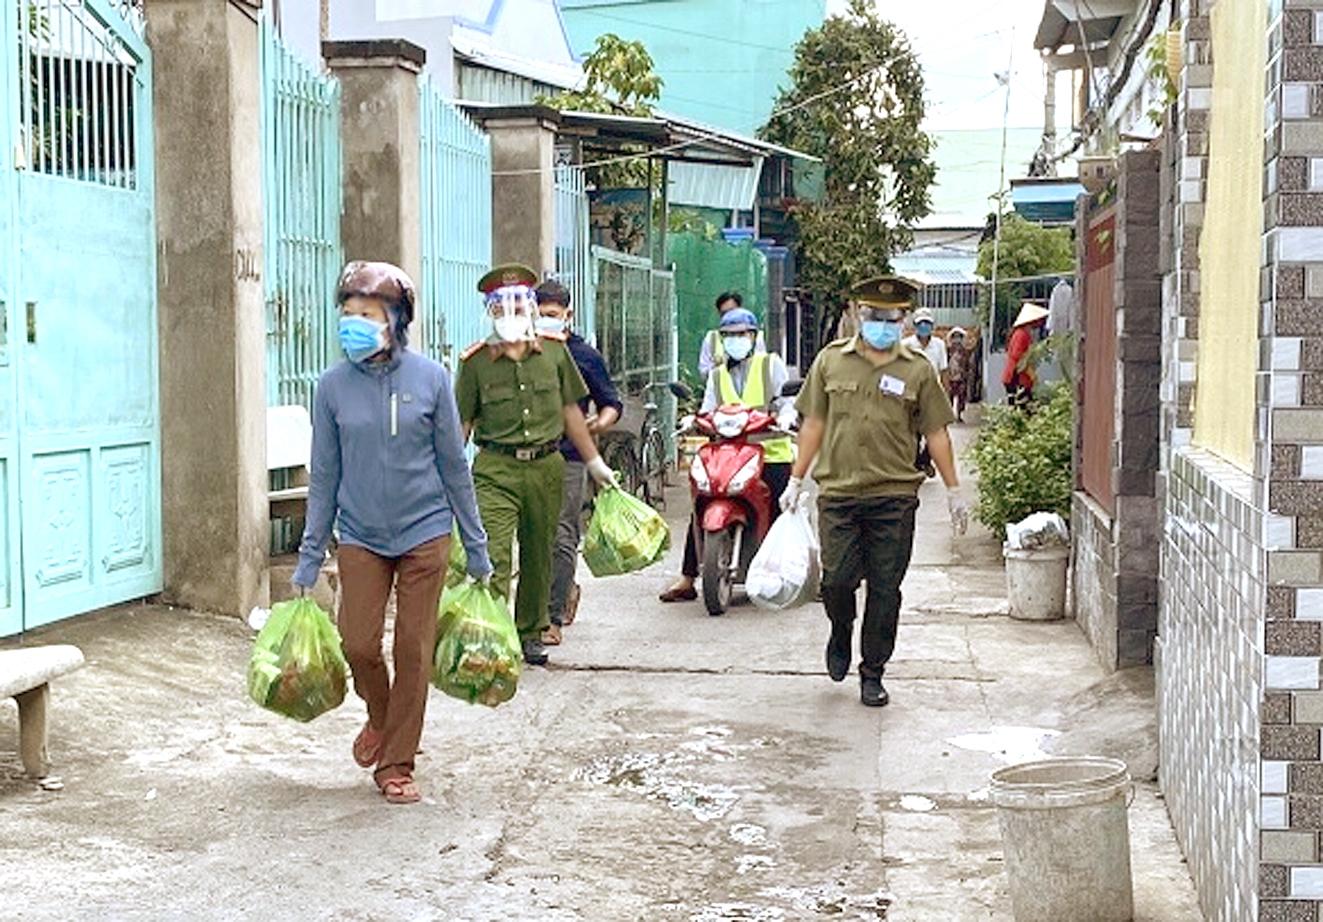 Lực lượng cảnh sát khu vực ở TP.HCM thời gian qua đã nghĩ ra nhiều giải pháp hỗ trợ người dân